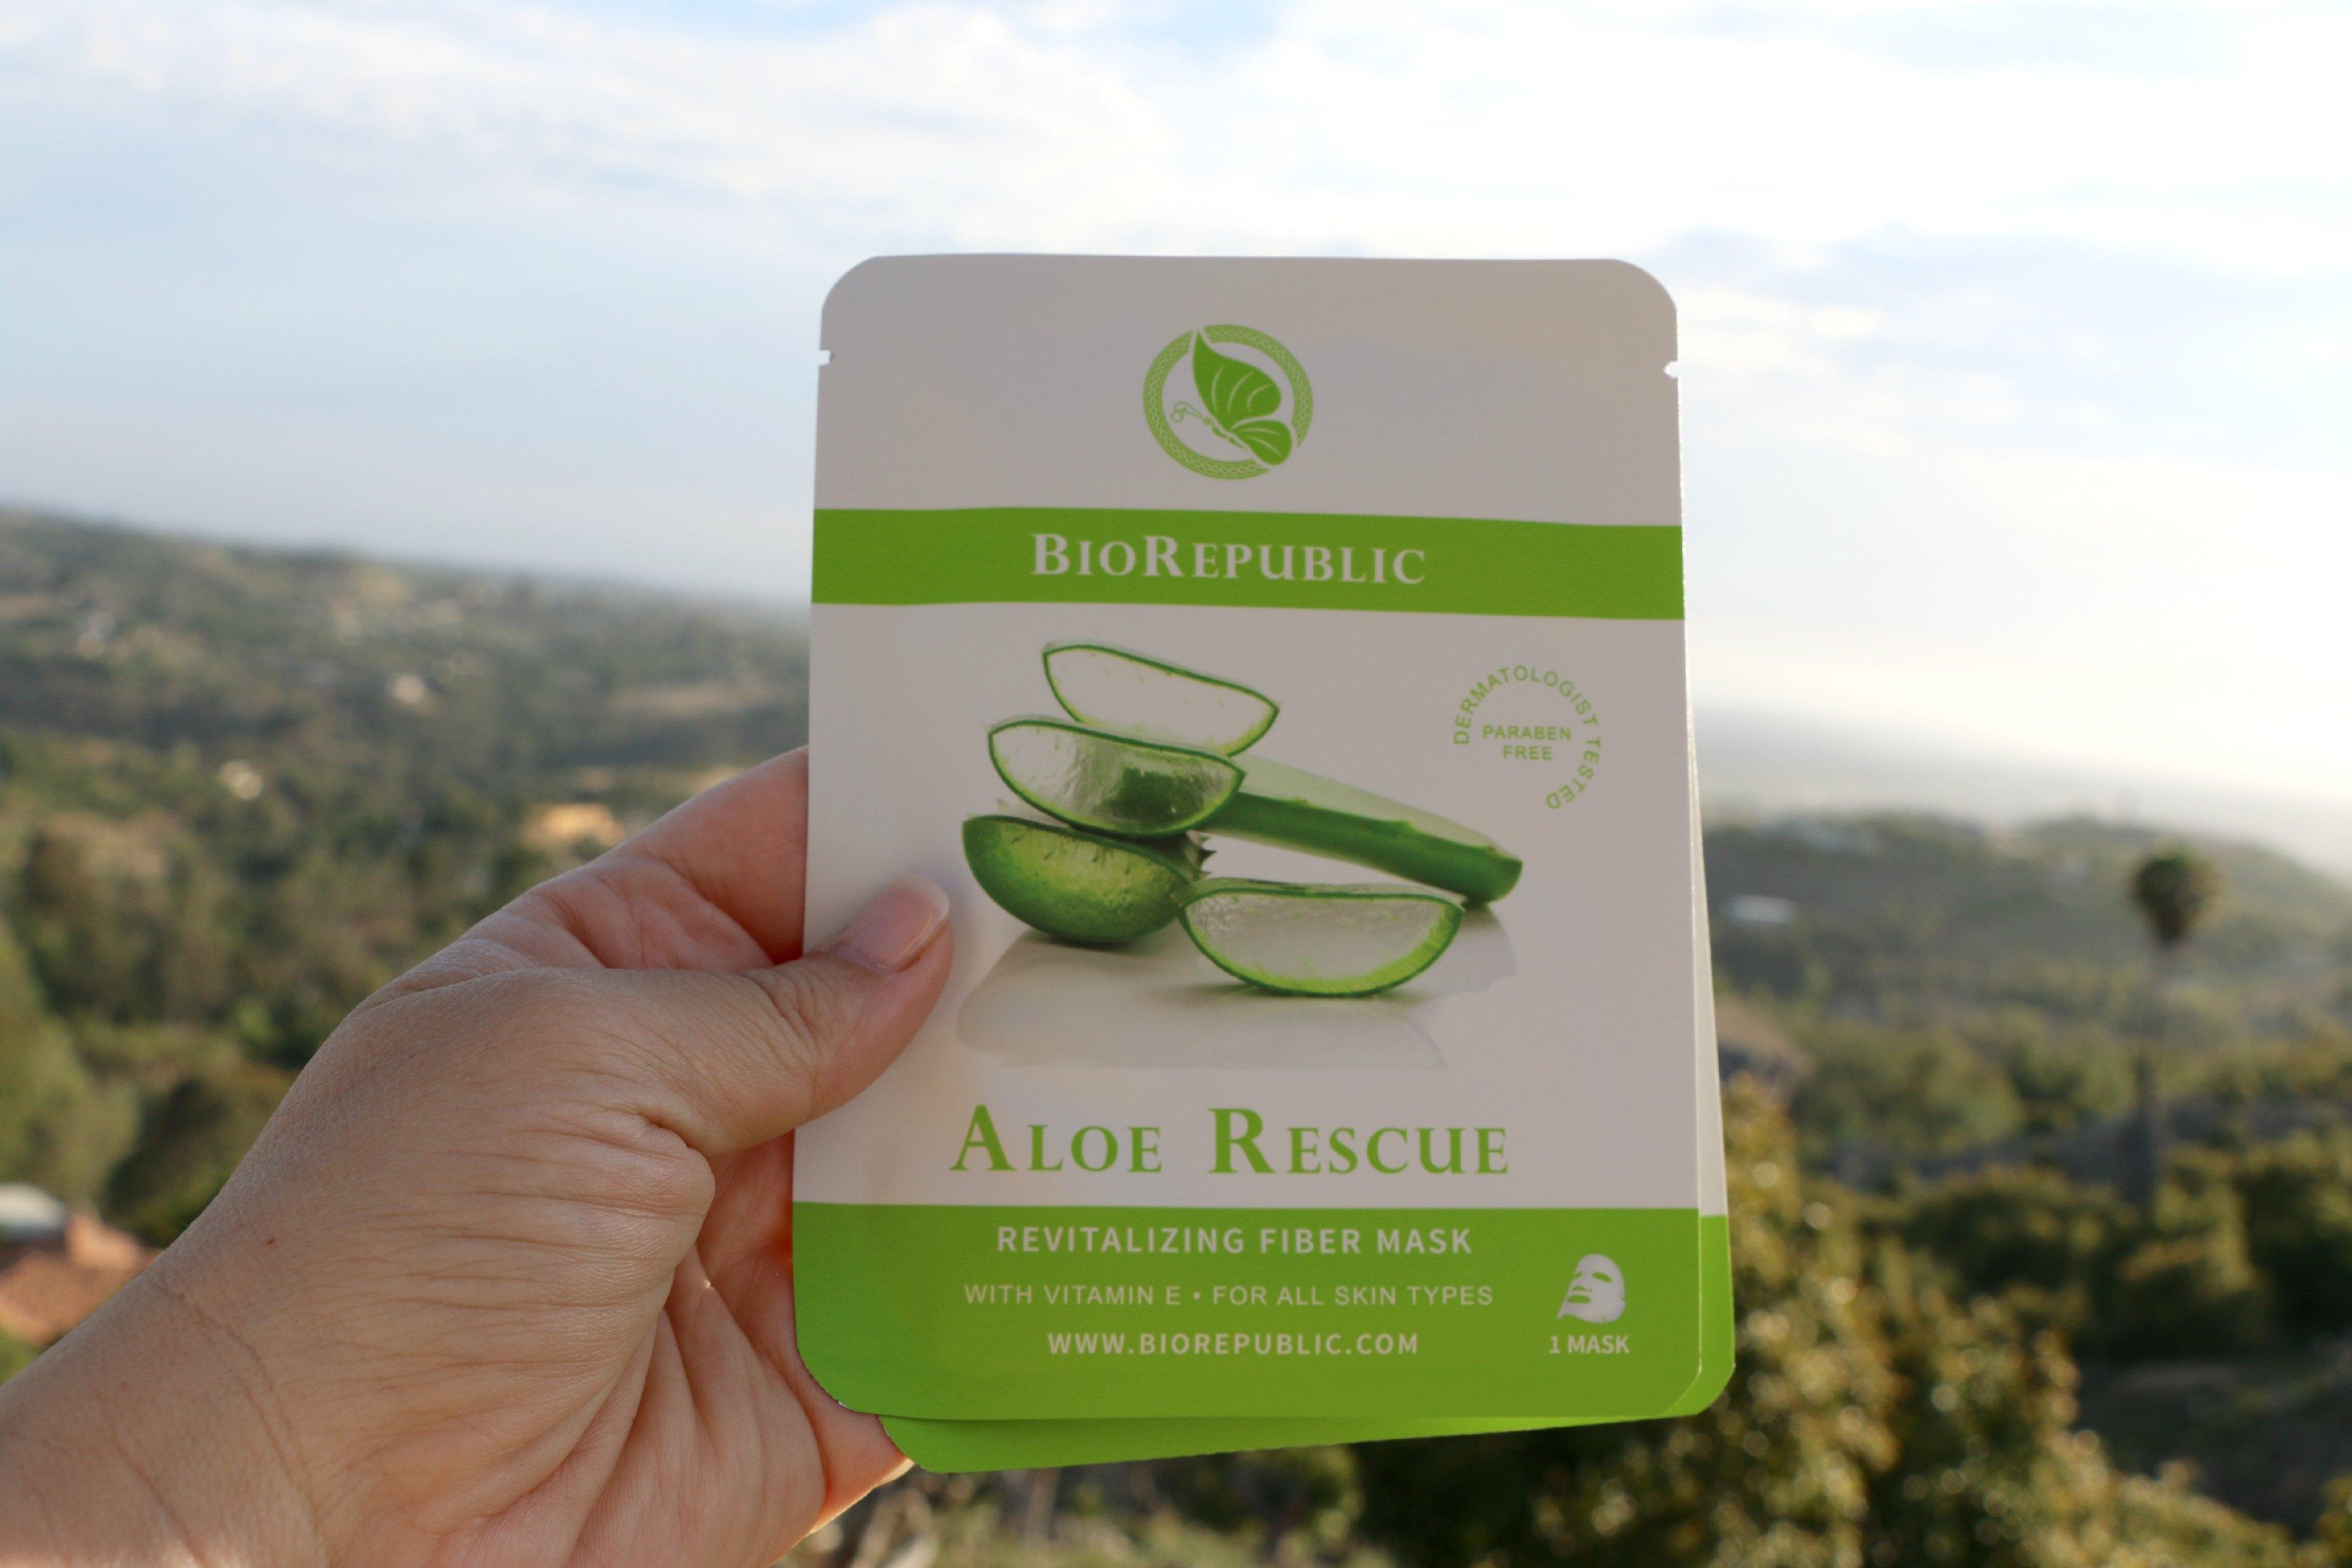 biorepublic aloe rescue